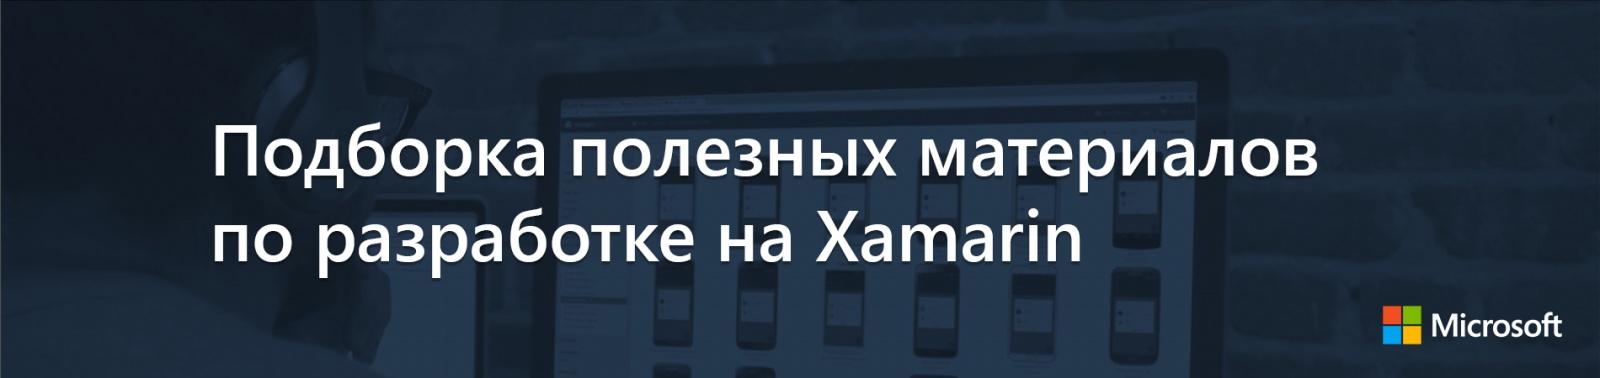 Подборка полезных материалов по разработке на Xamarin - 1